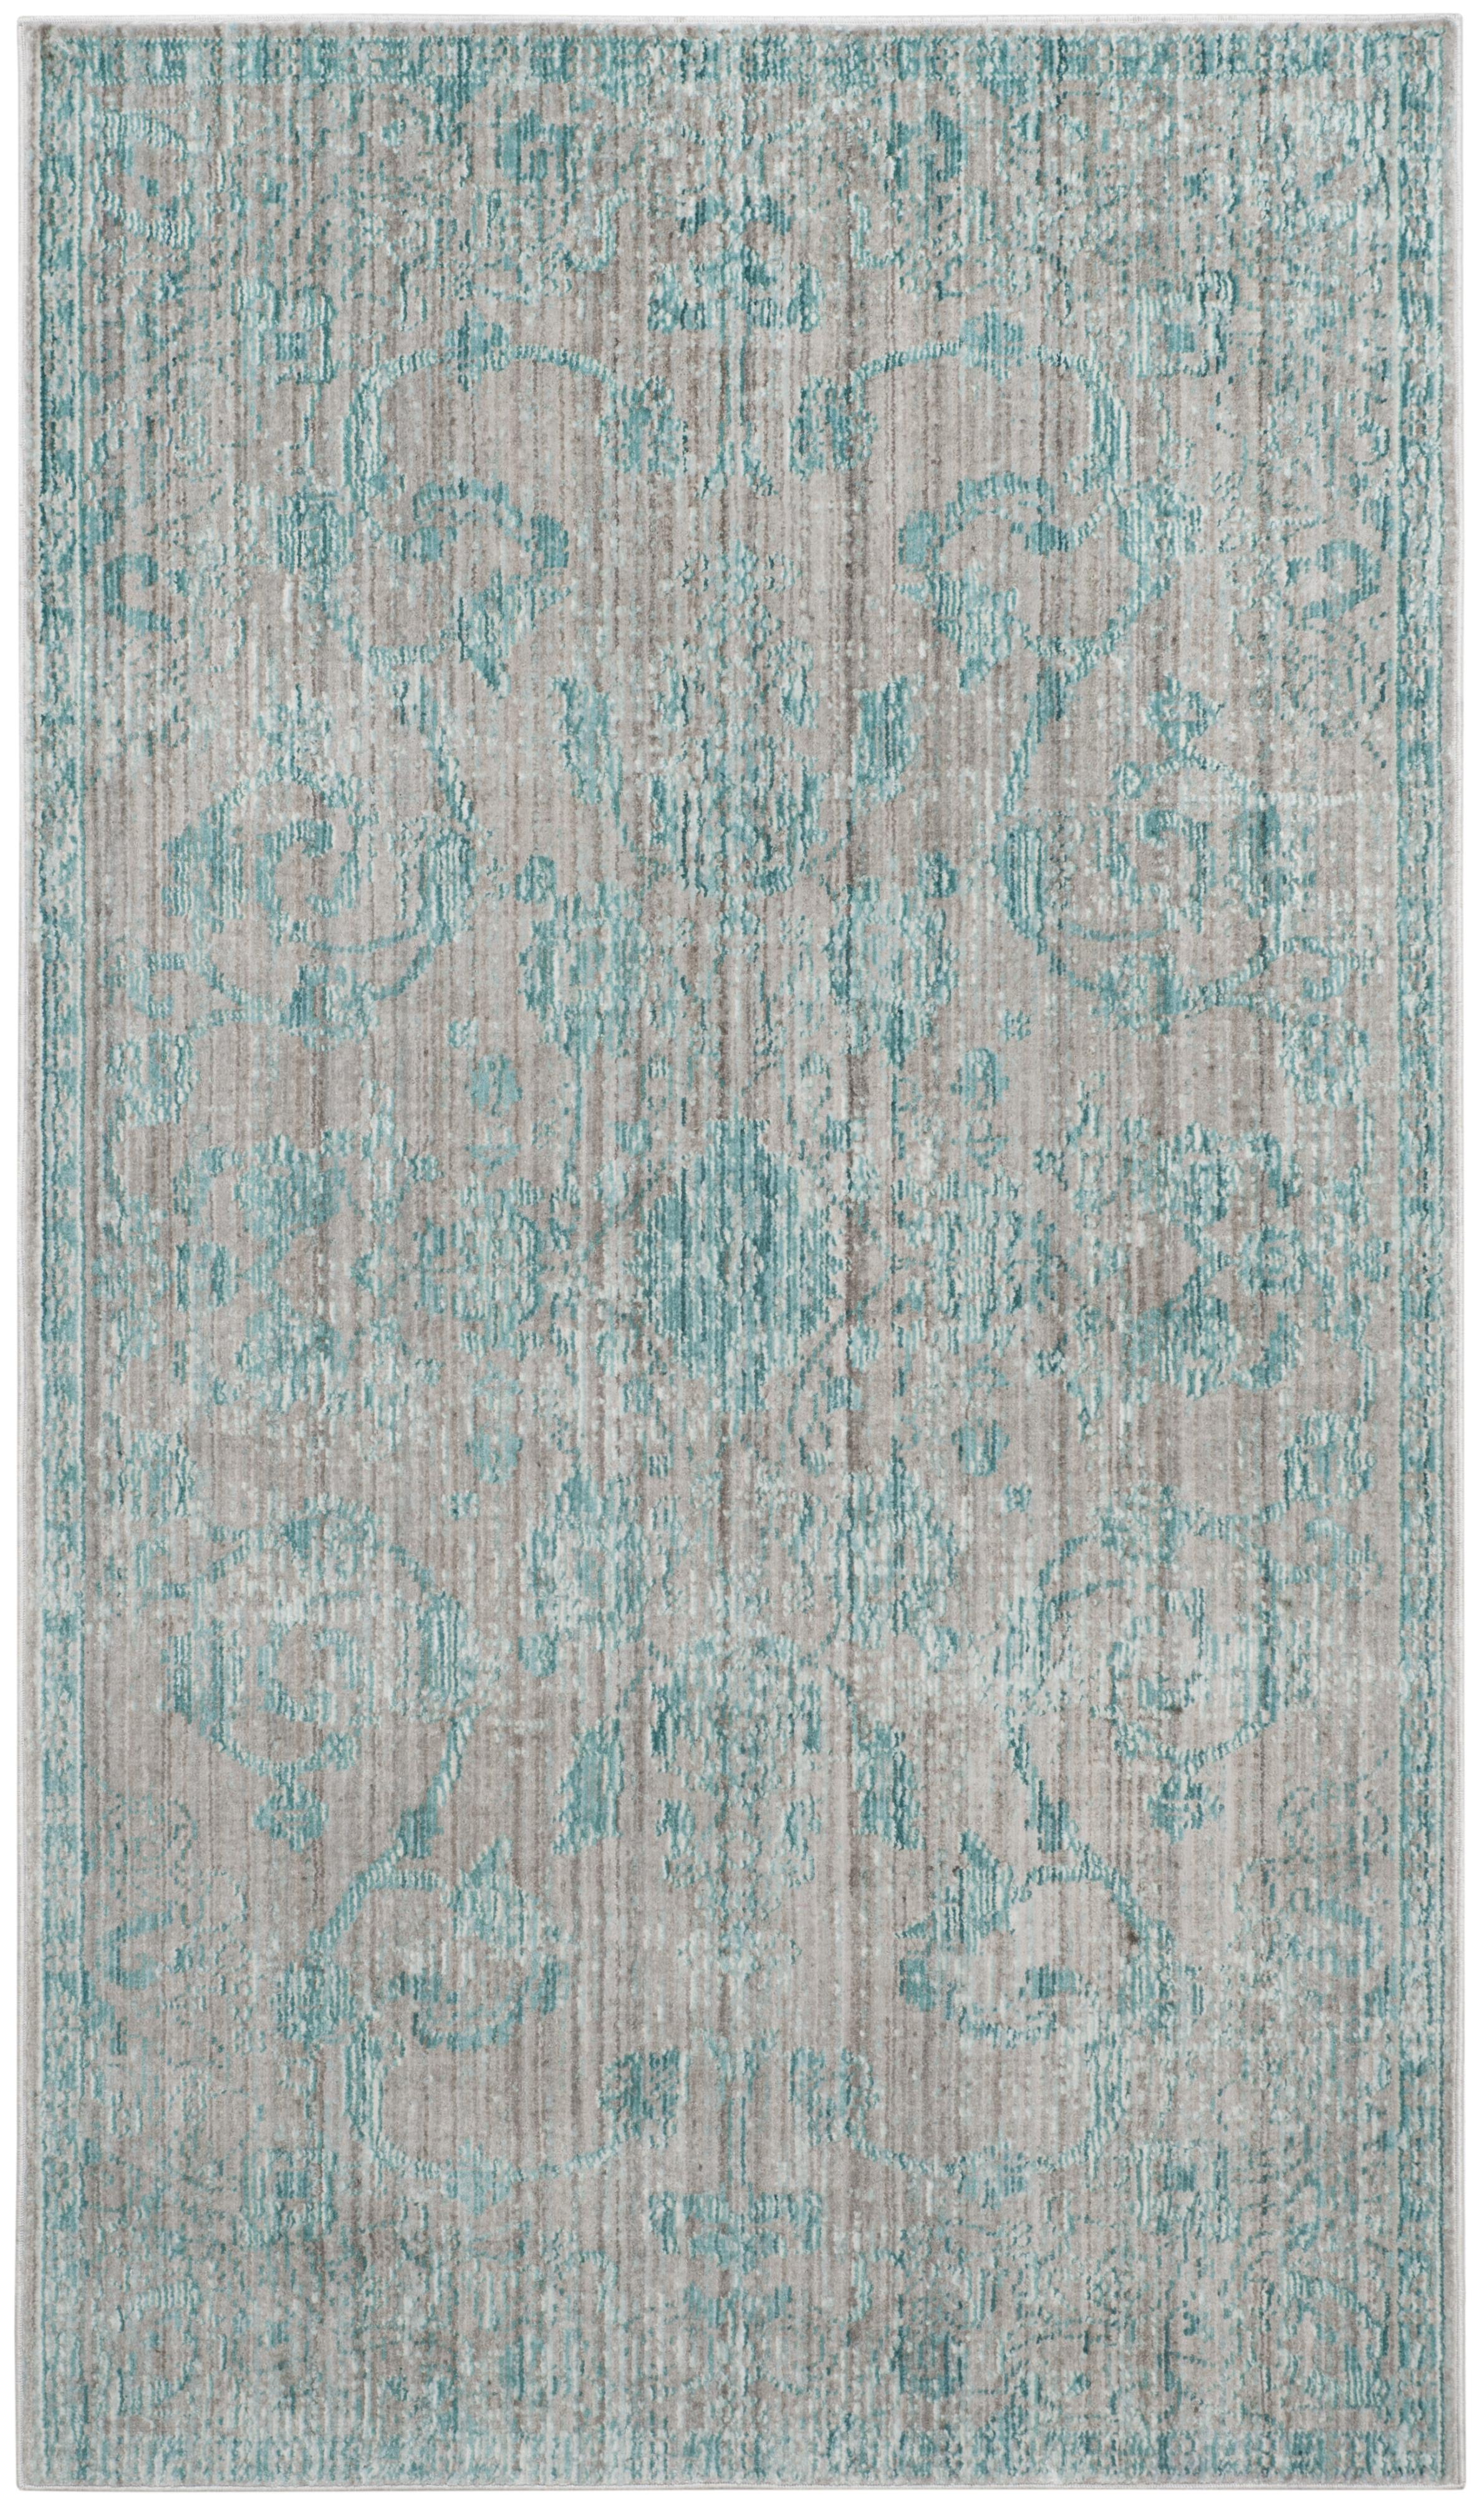 Tapis de salon d'inspiration vintage bleu et multicolore 90x150